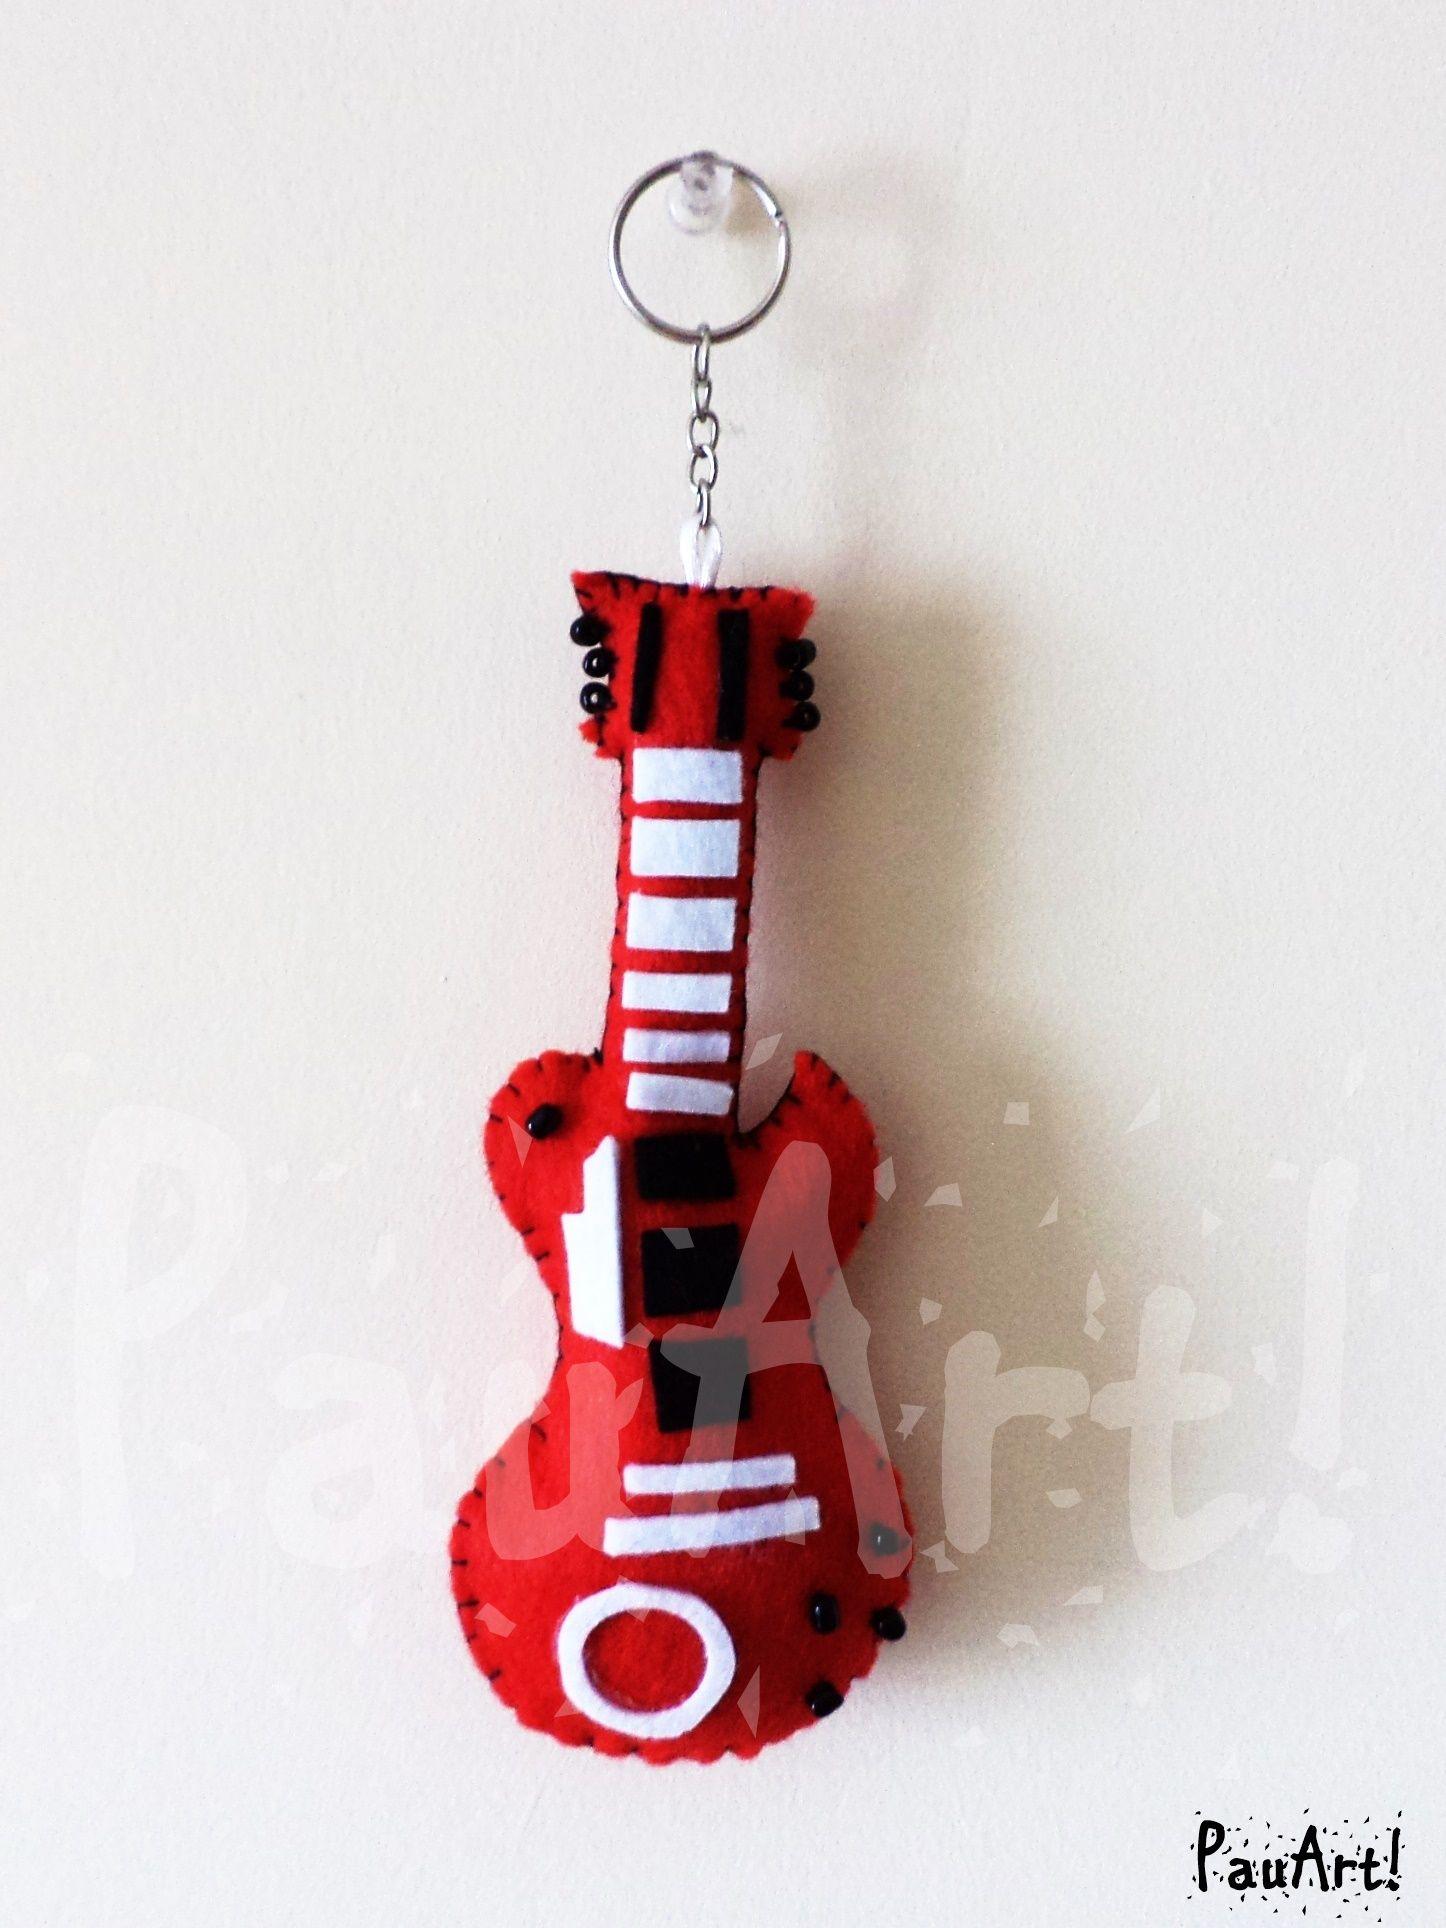 Guitarra eléctrica roja Confeccionado a mano con fieltro y relleno sintético.